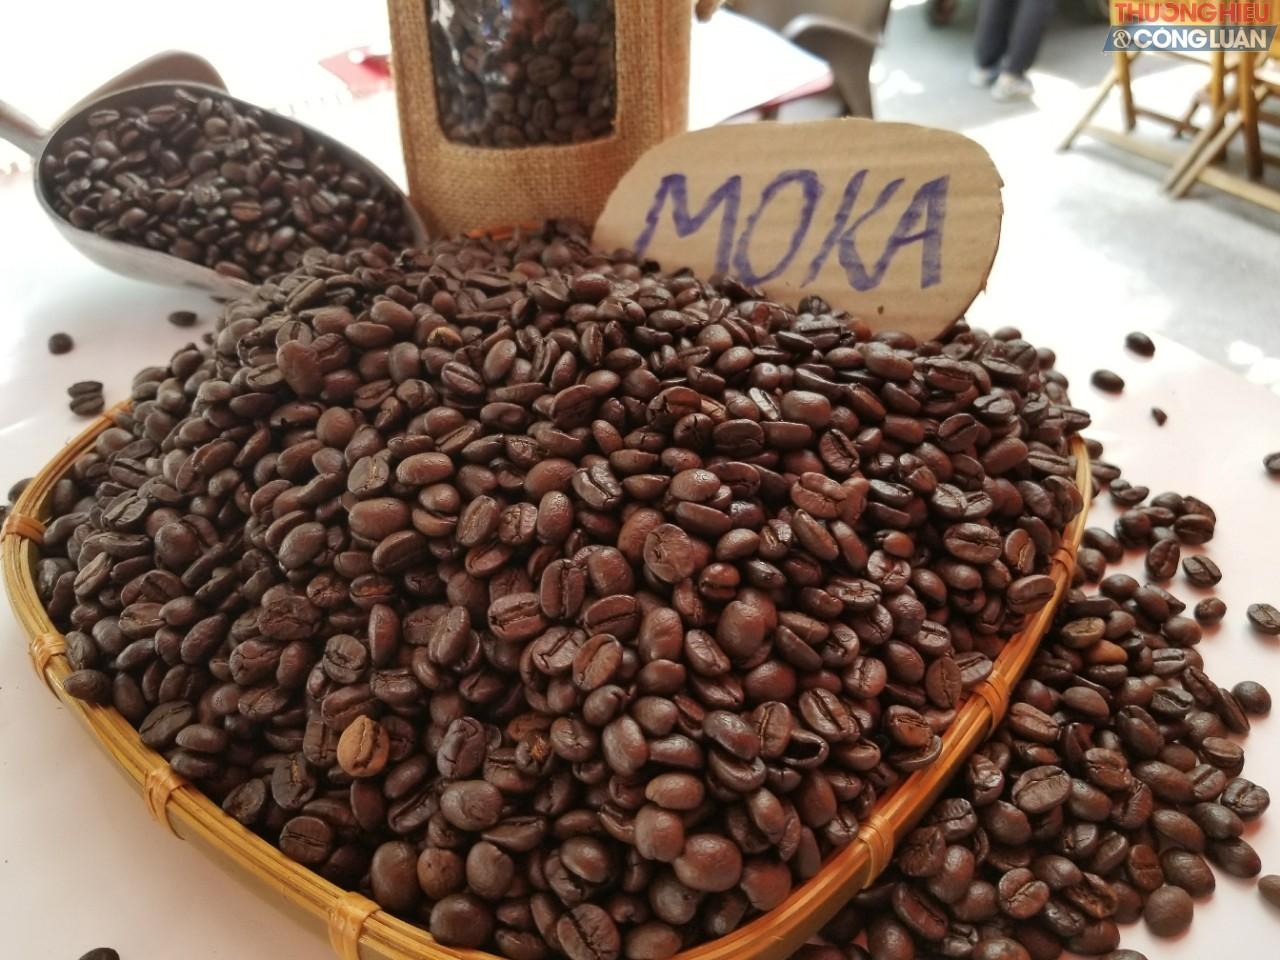 Cà phê Moka Đà Lạt